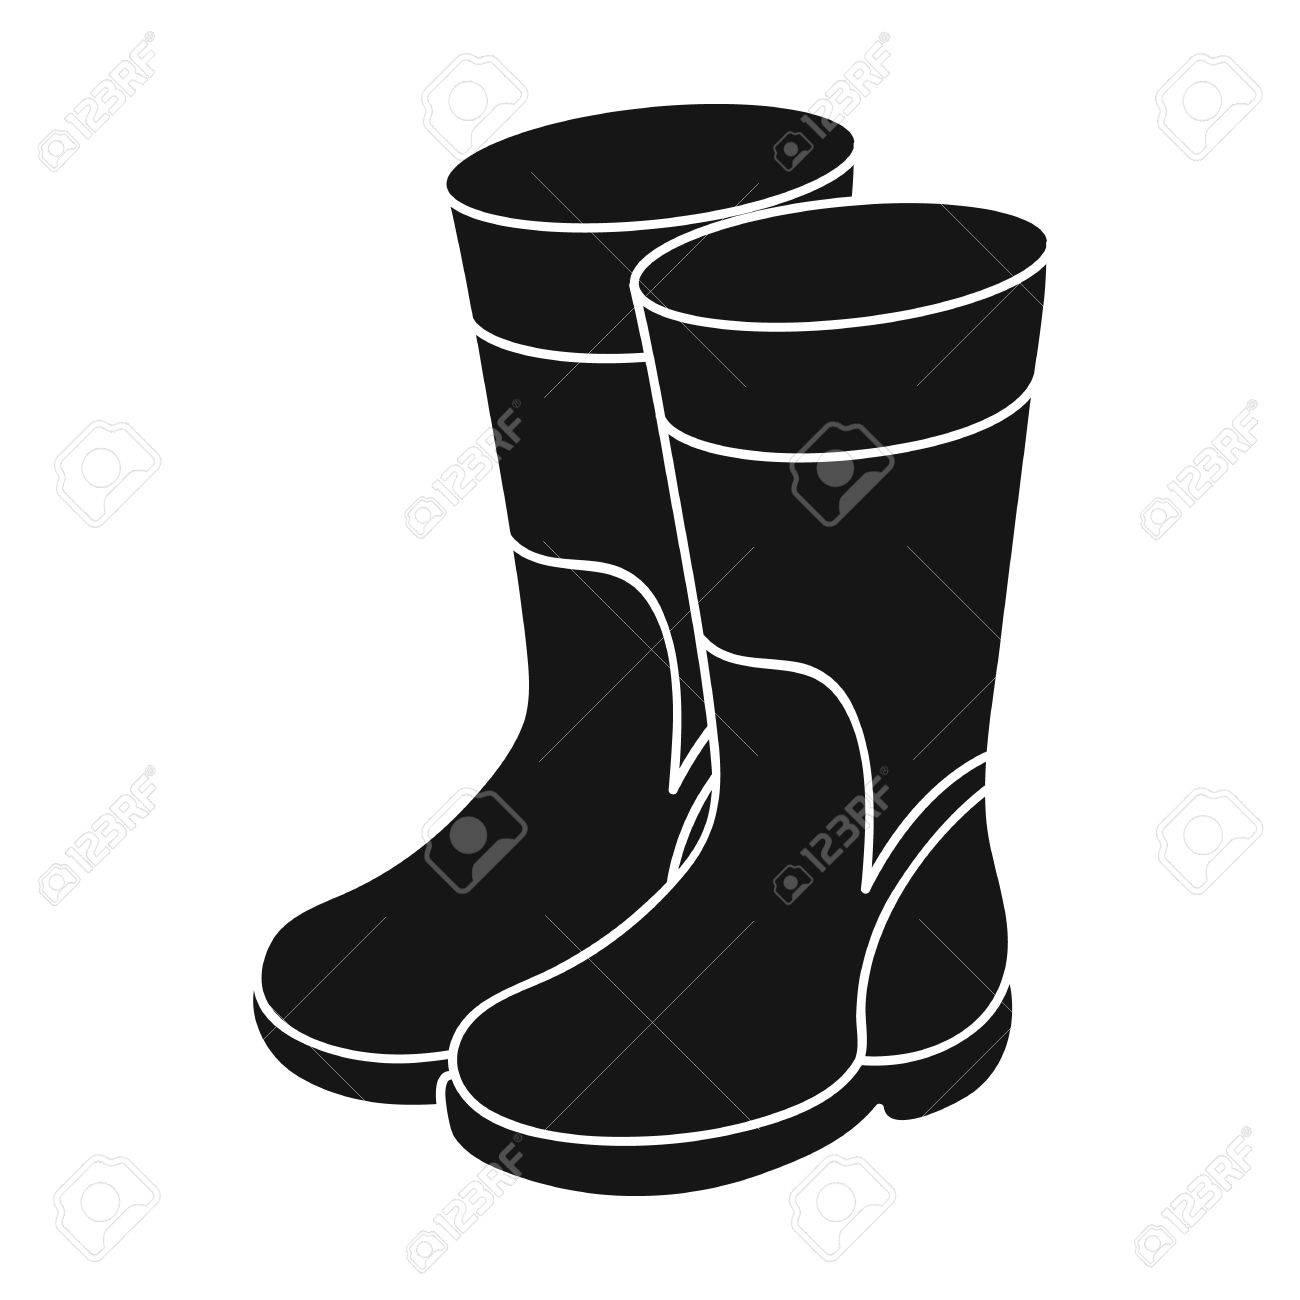 Botas de goma icono de estilo negro sobre fondo blanco. Símbolo de la pesca ilustración stock de vectores.